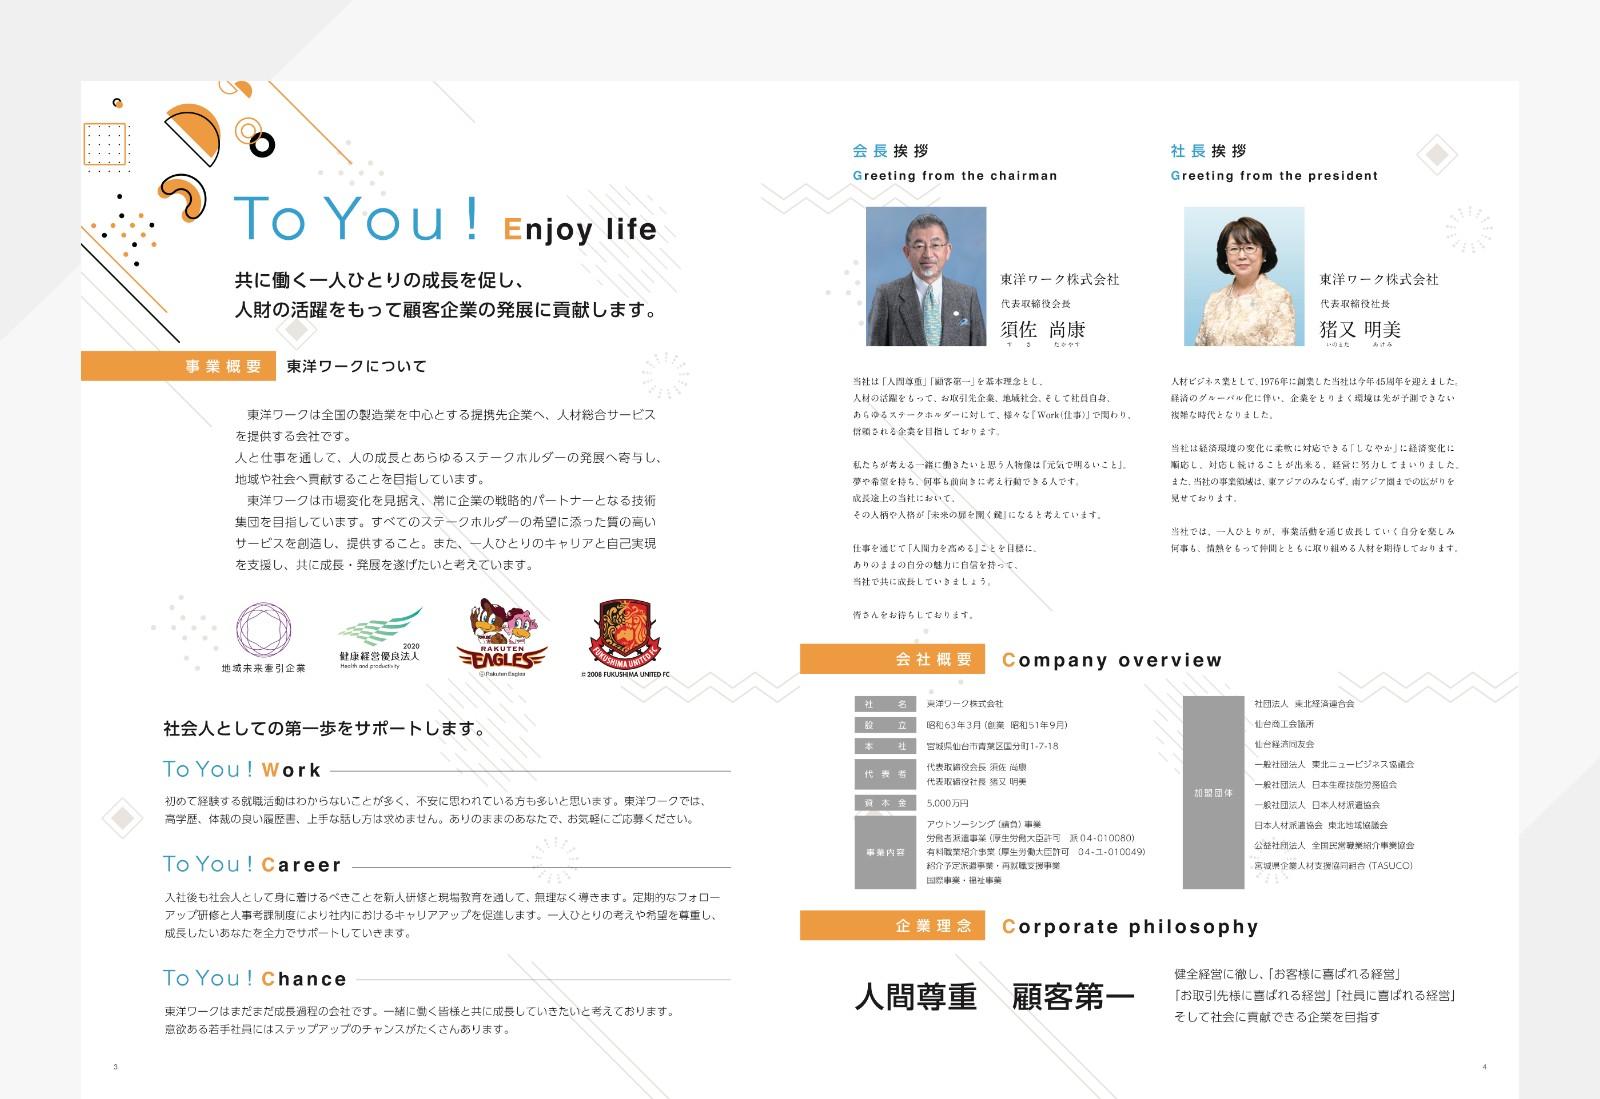 東洋ワーク採用パンフレット01